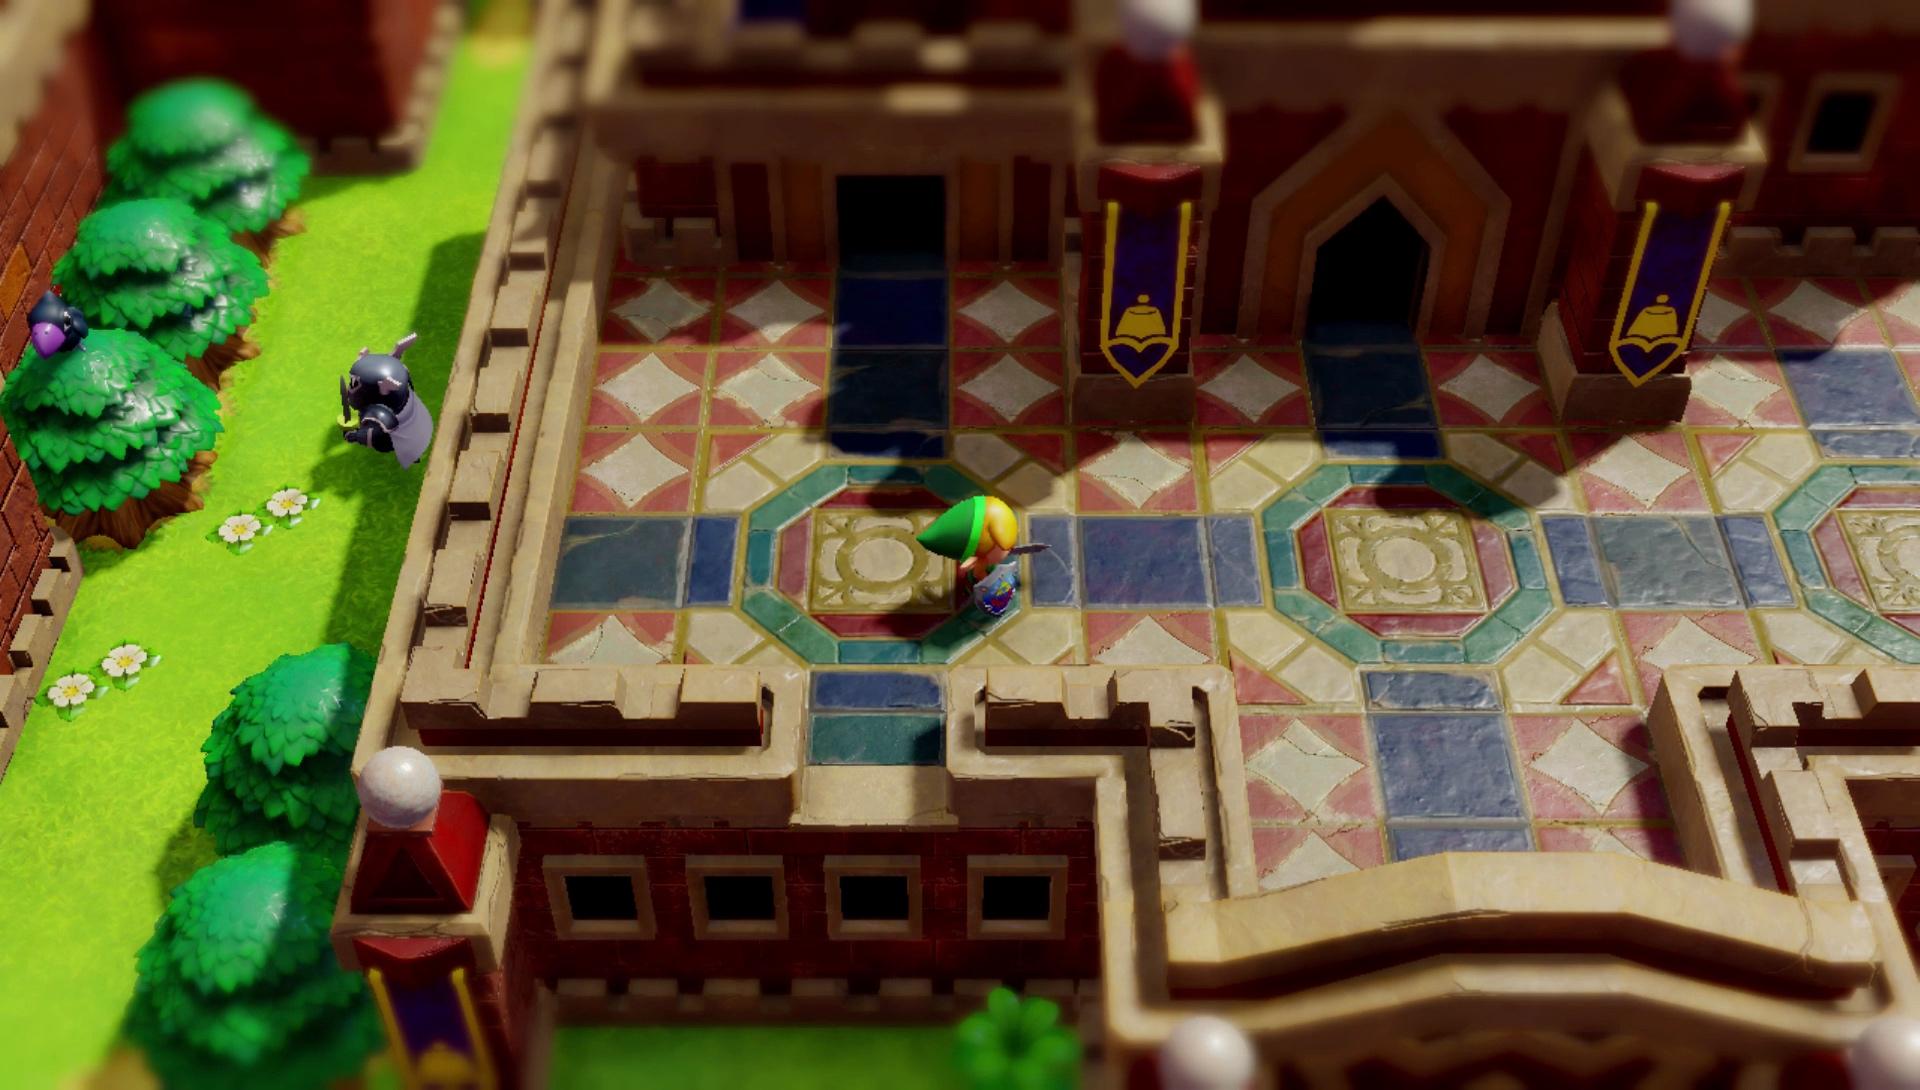 The Legend Of Zelda Links Awakening Remake Coming To Nintendo